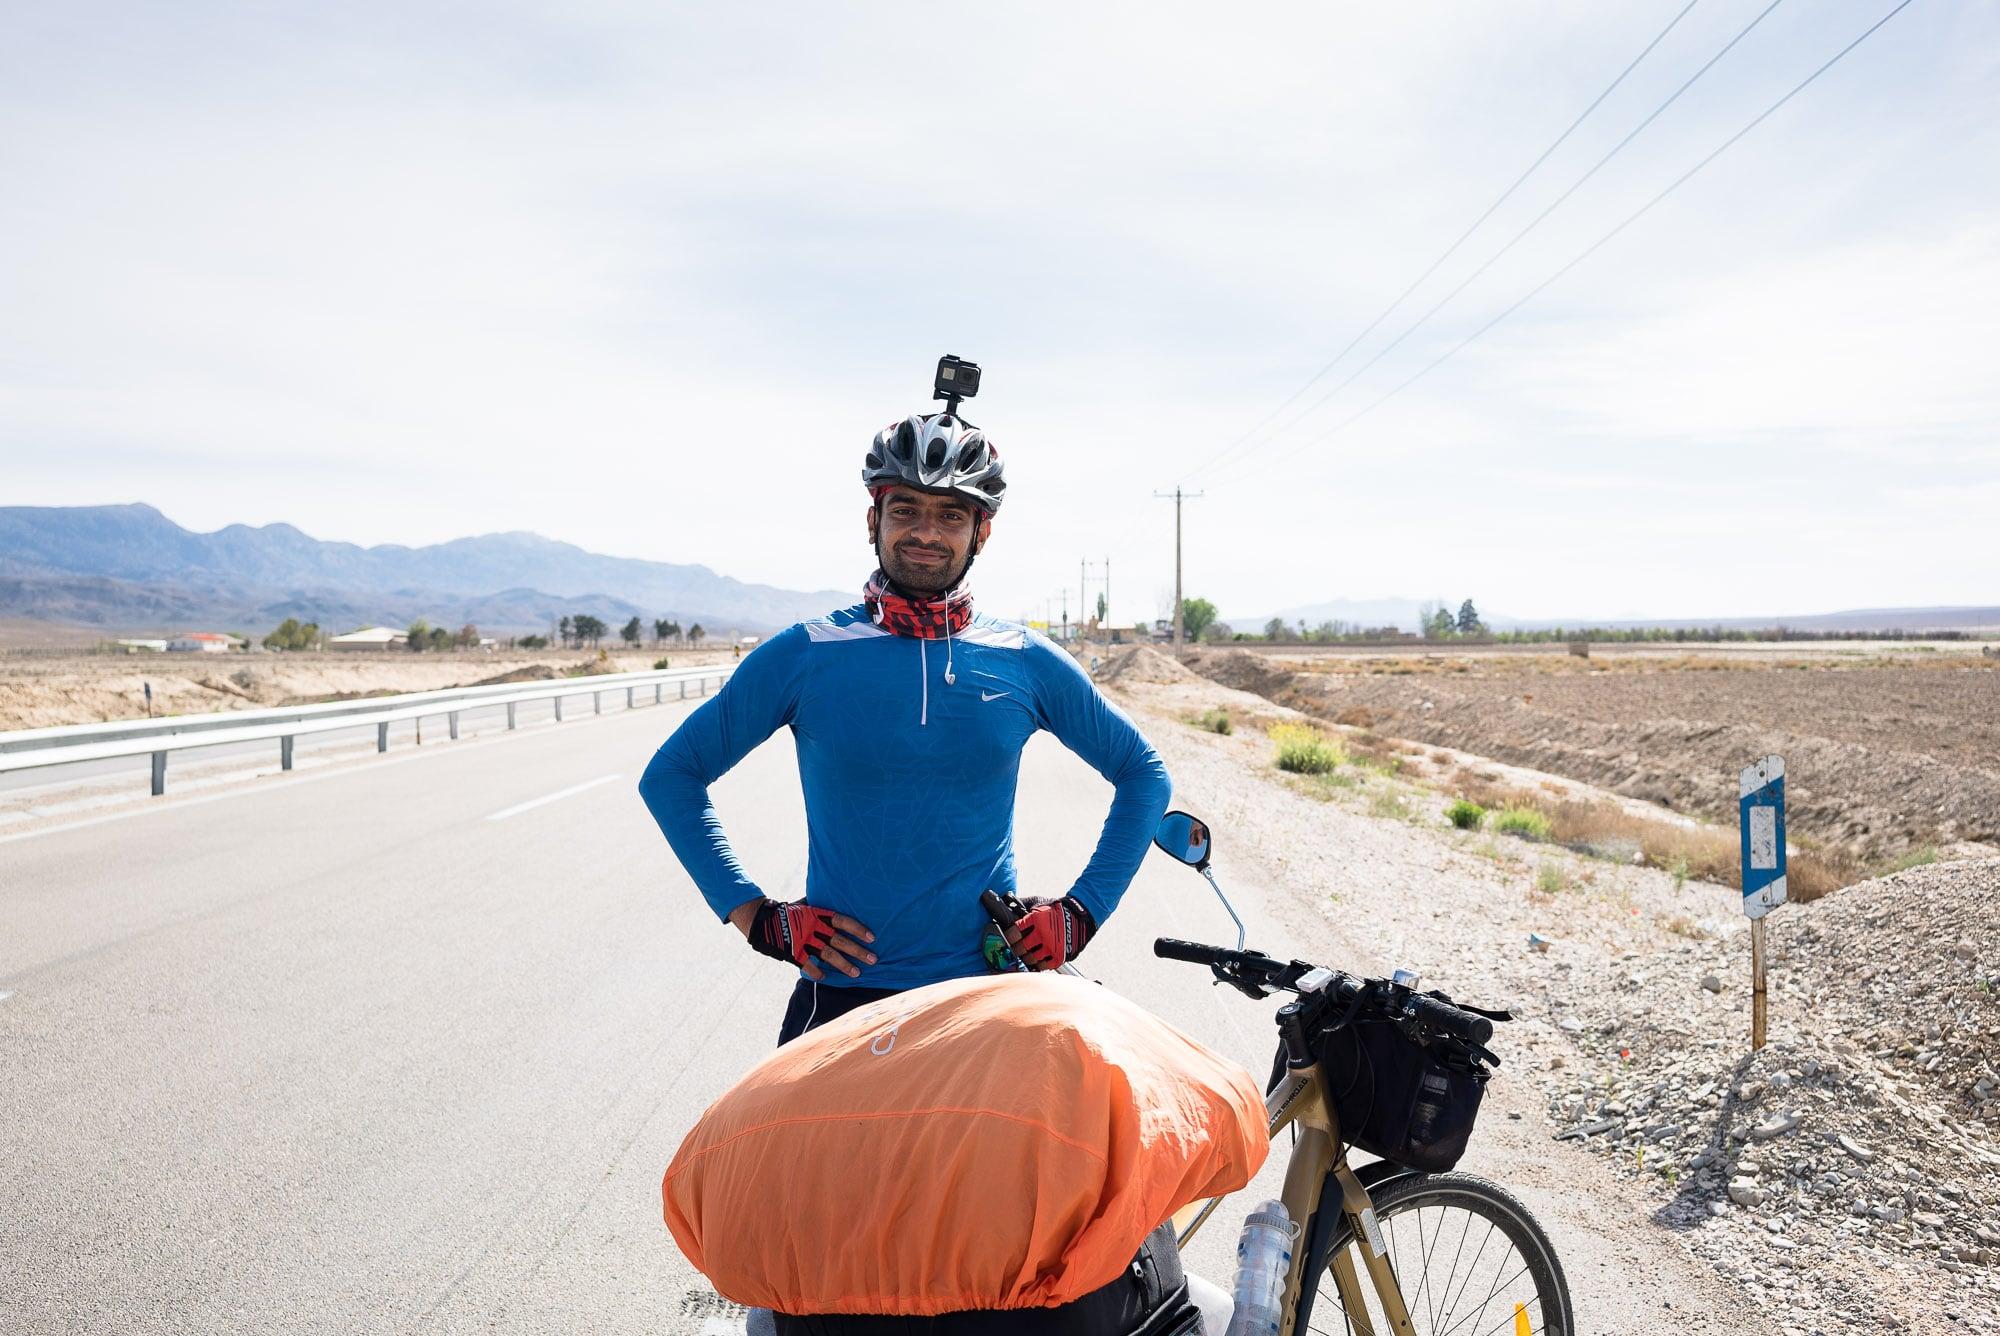 Ali the cyclist